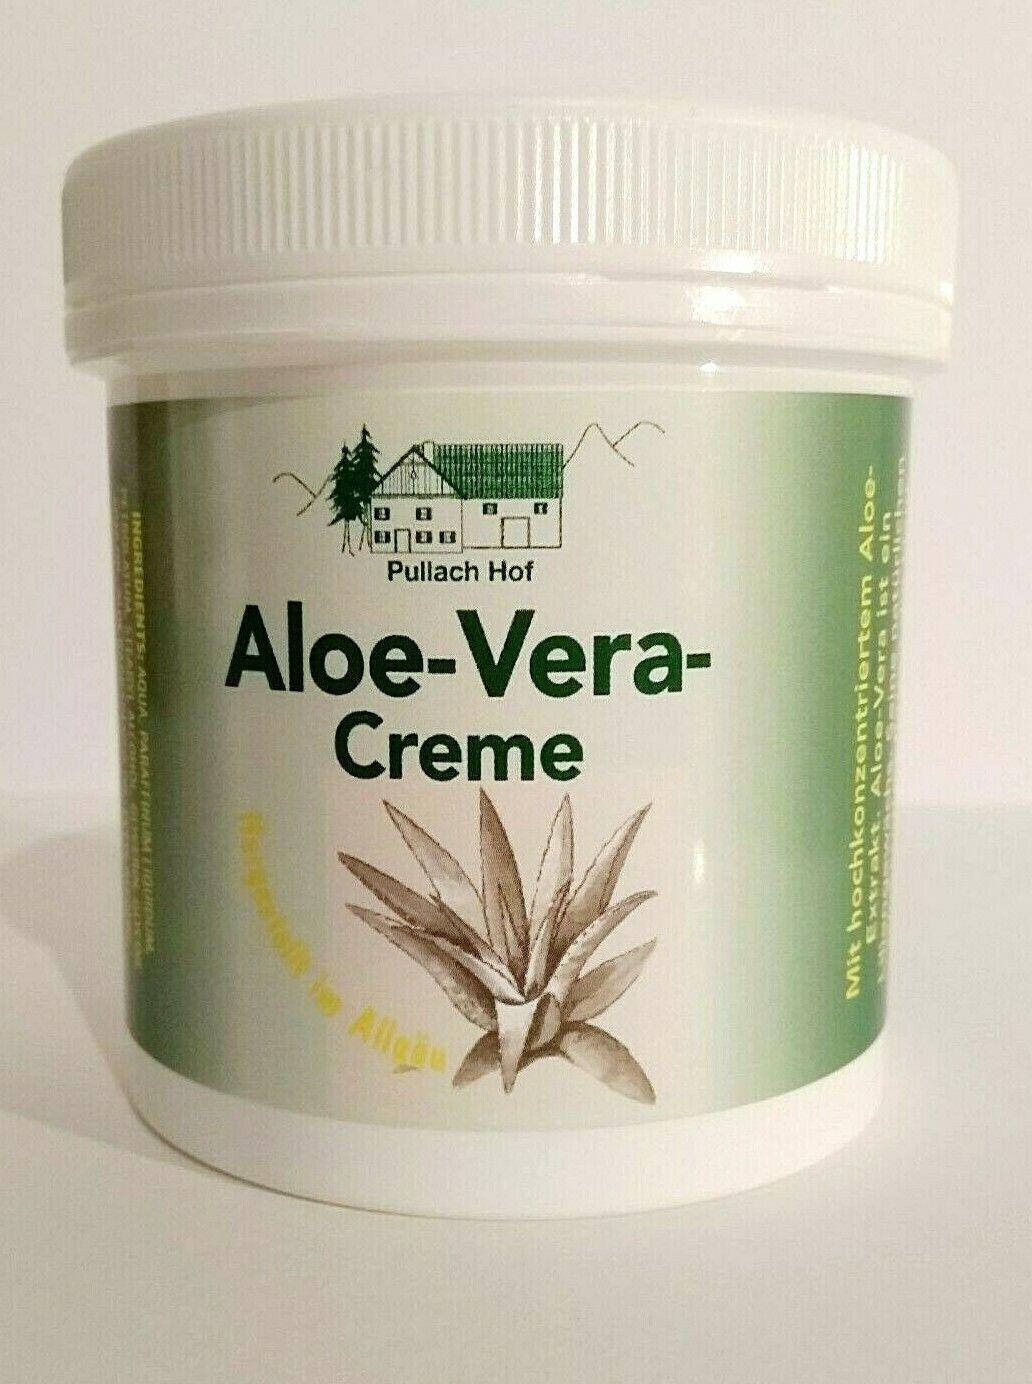 Aloe Vera Gesichts- und Körpercreme mit Rosmarin Öl, Pullach Hof, 250ml